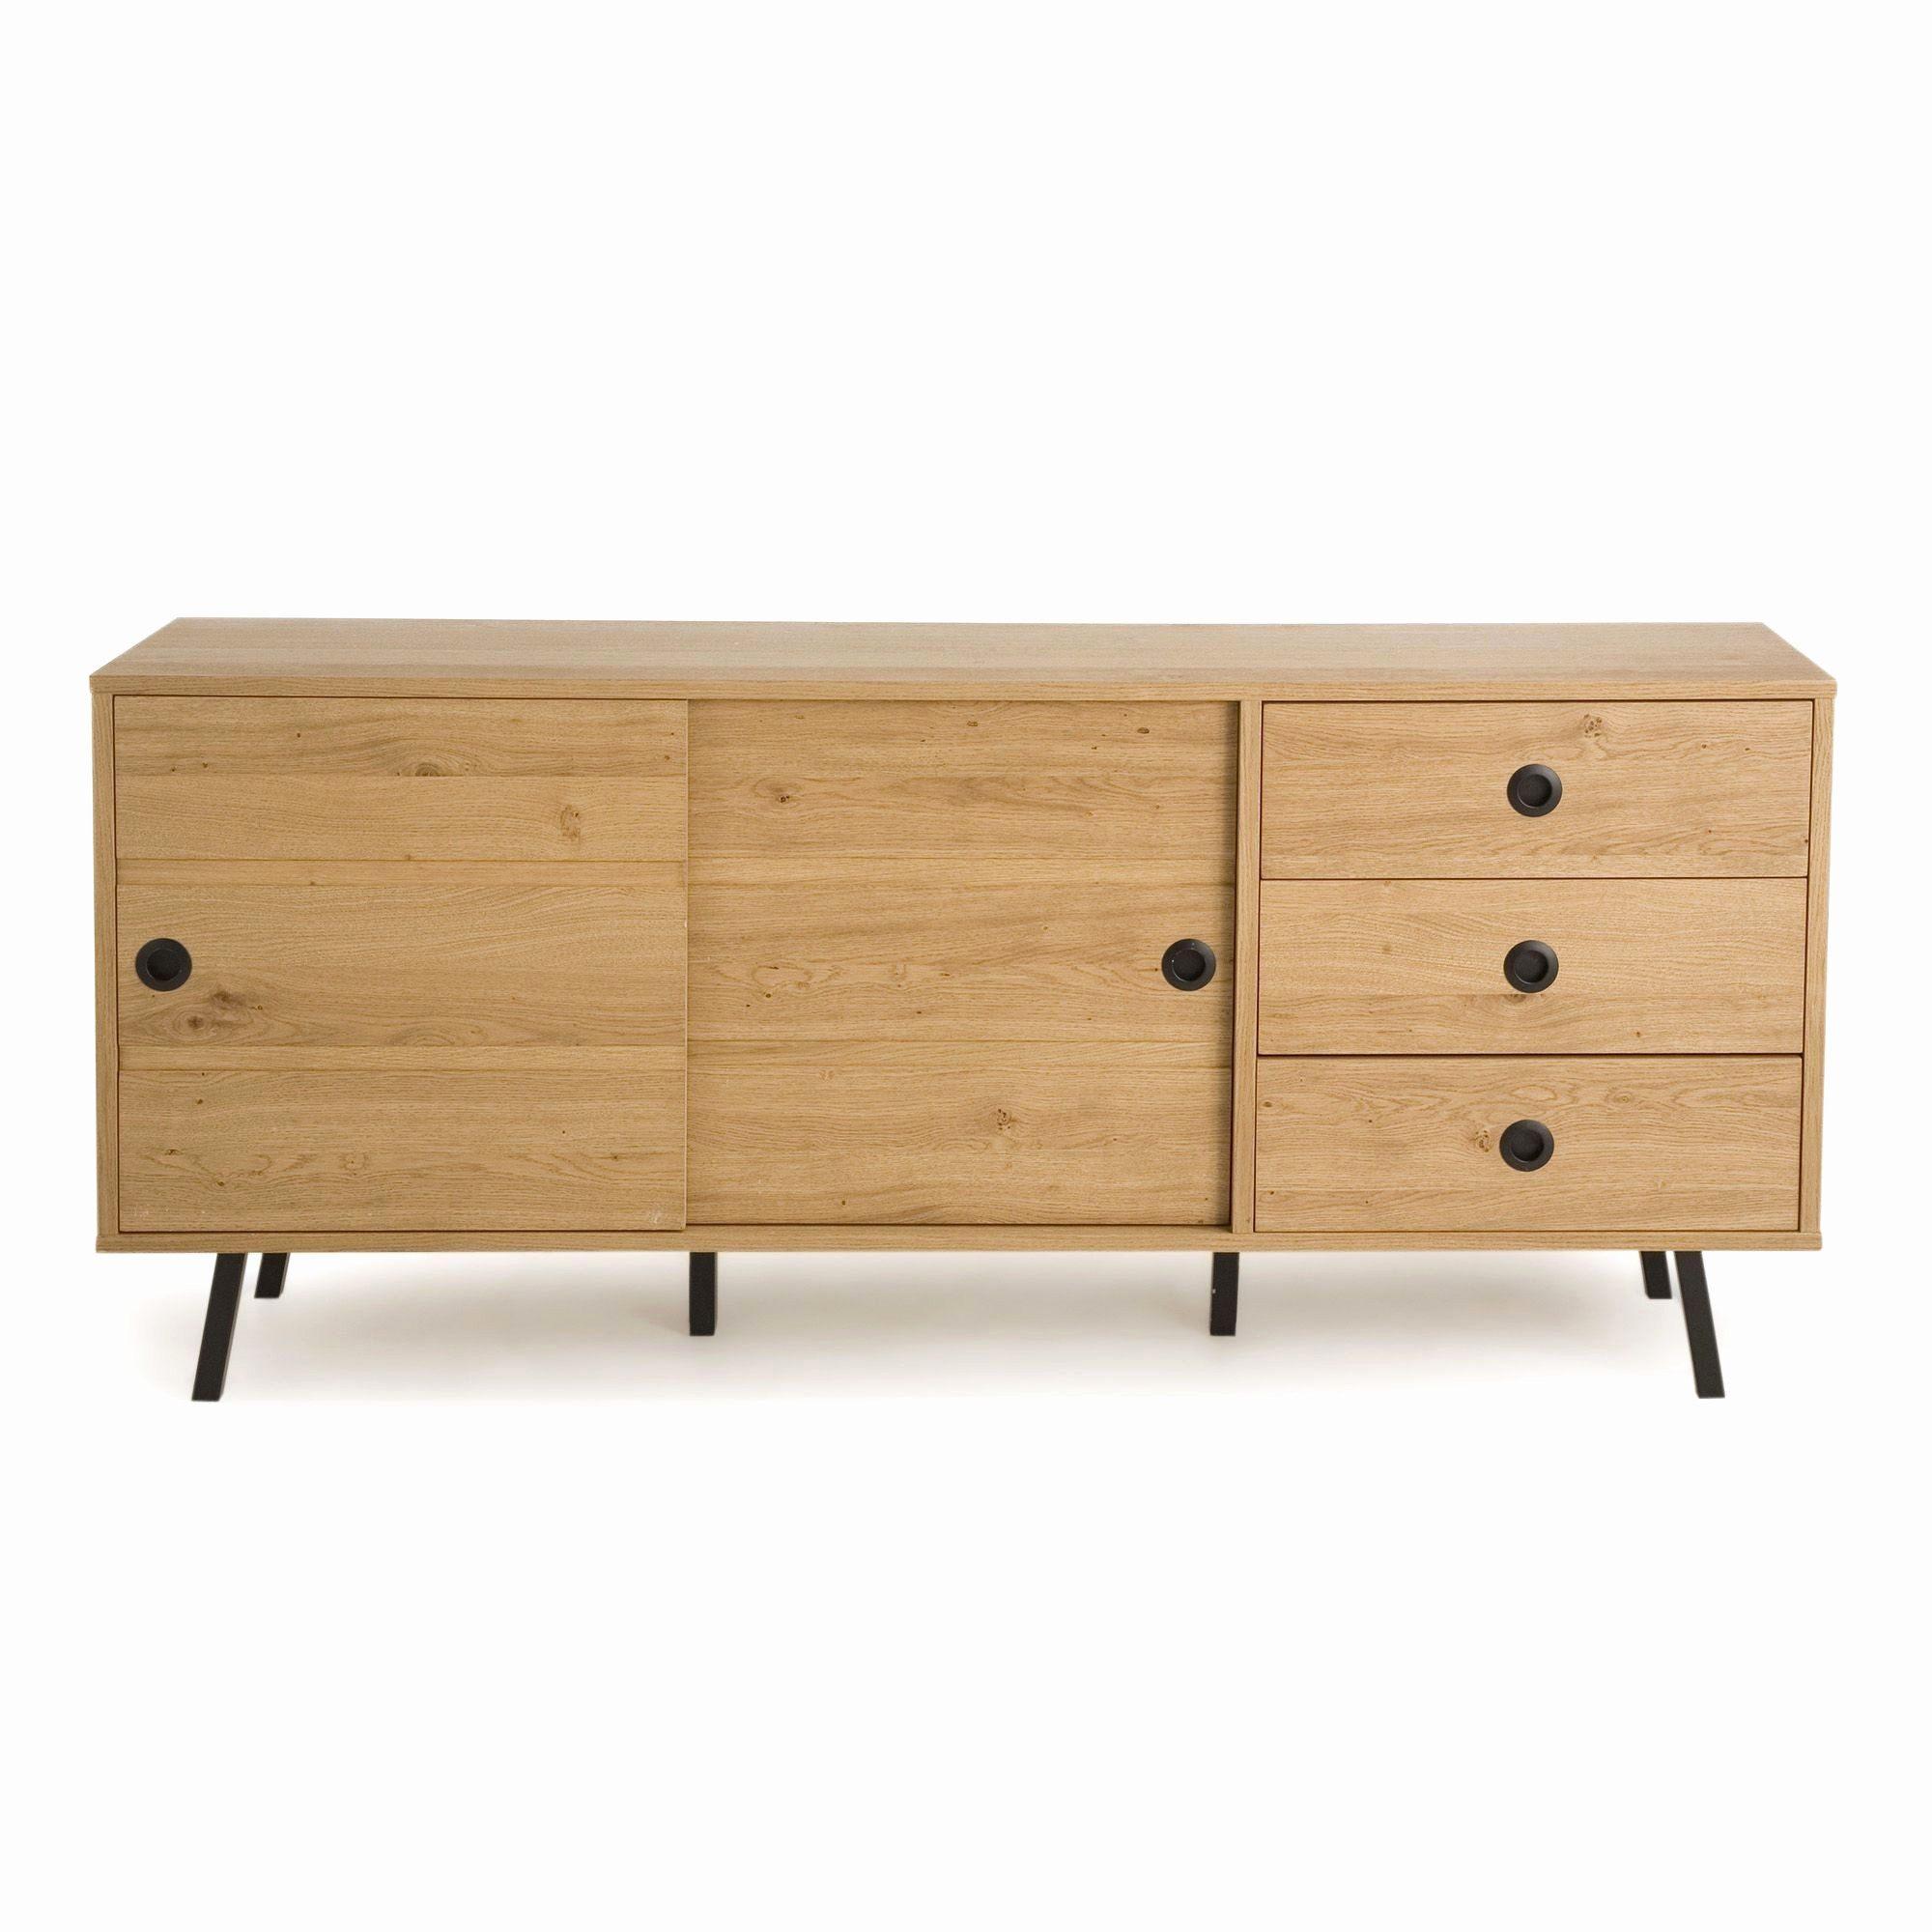 Lit Armoire Ikea Bel Meuble Lit Escamotable Avenant Lit Bureau Armoire Armoire Lit Bureau